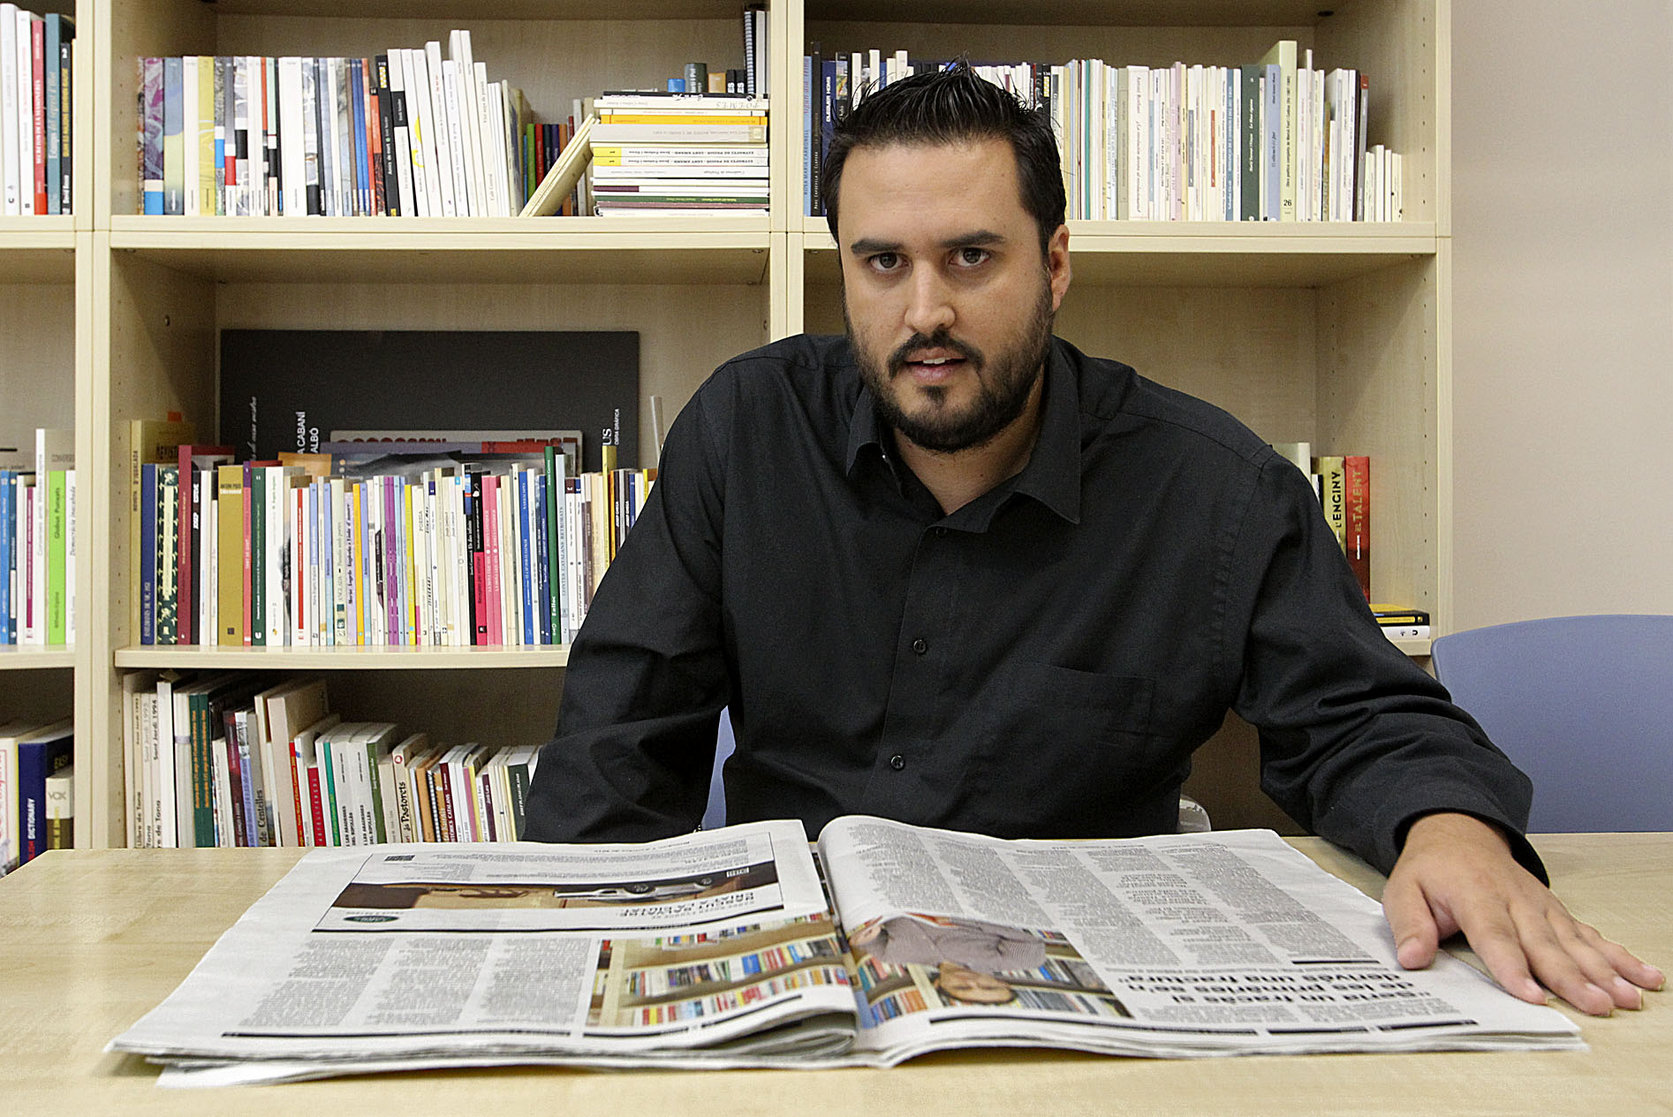 Àngel Rafael Sánchez Varela